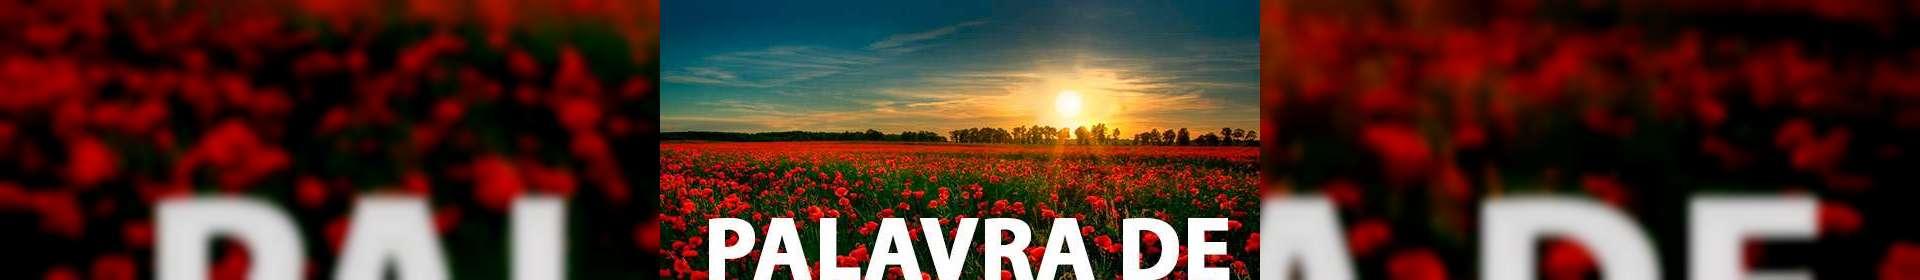 Isaías 26:3,4 - Uma Palavra de Esperança para sua vida